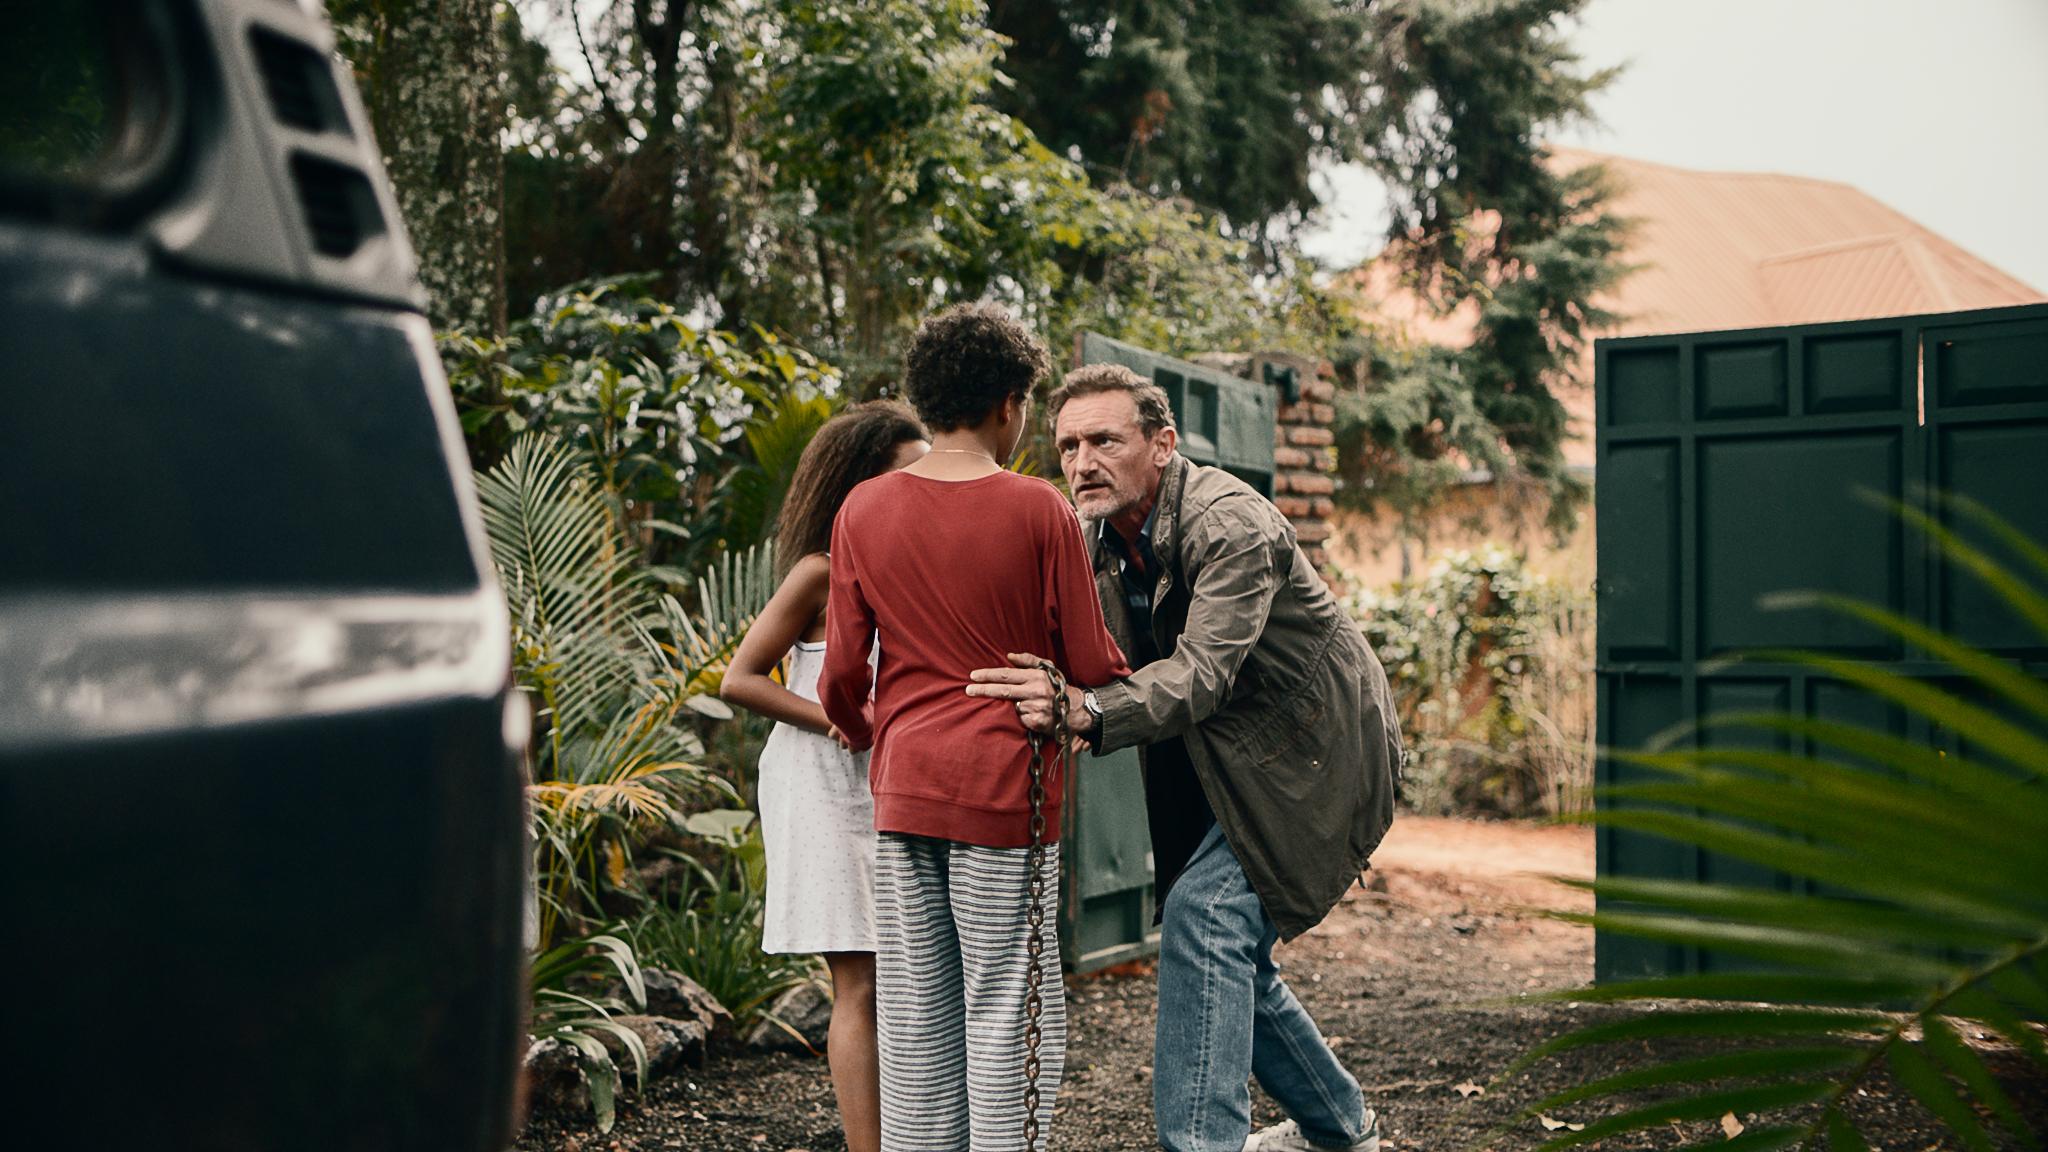 Petit Pays critique avis Jean-Paul Rouve film 2020